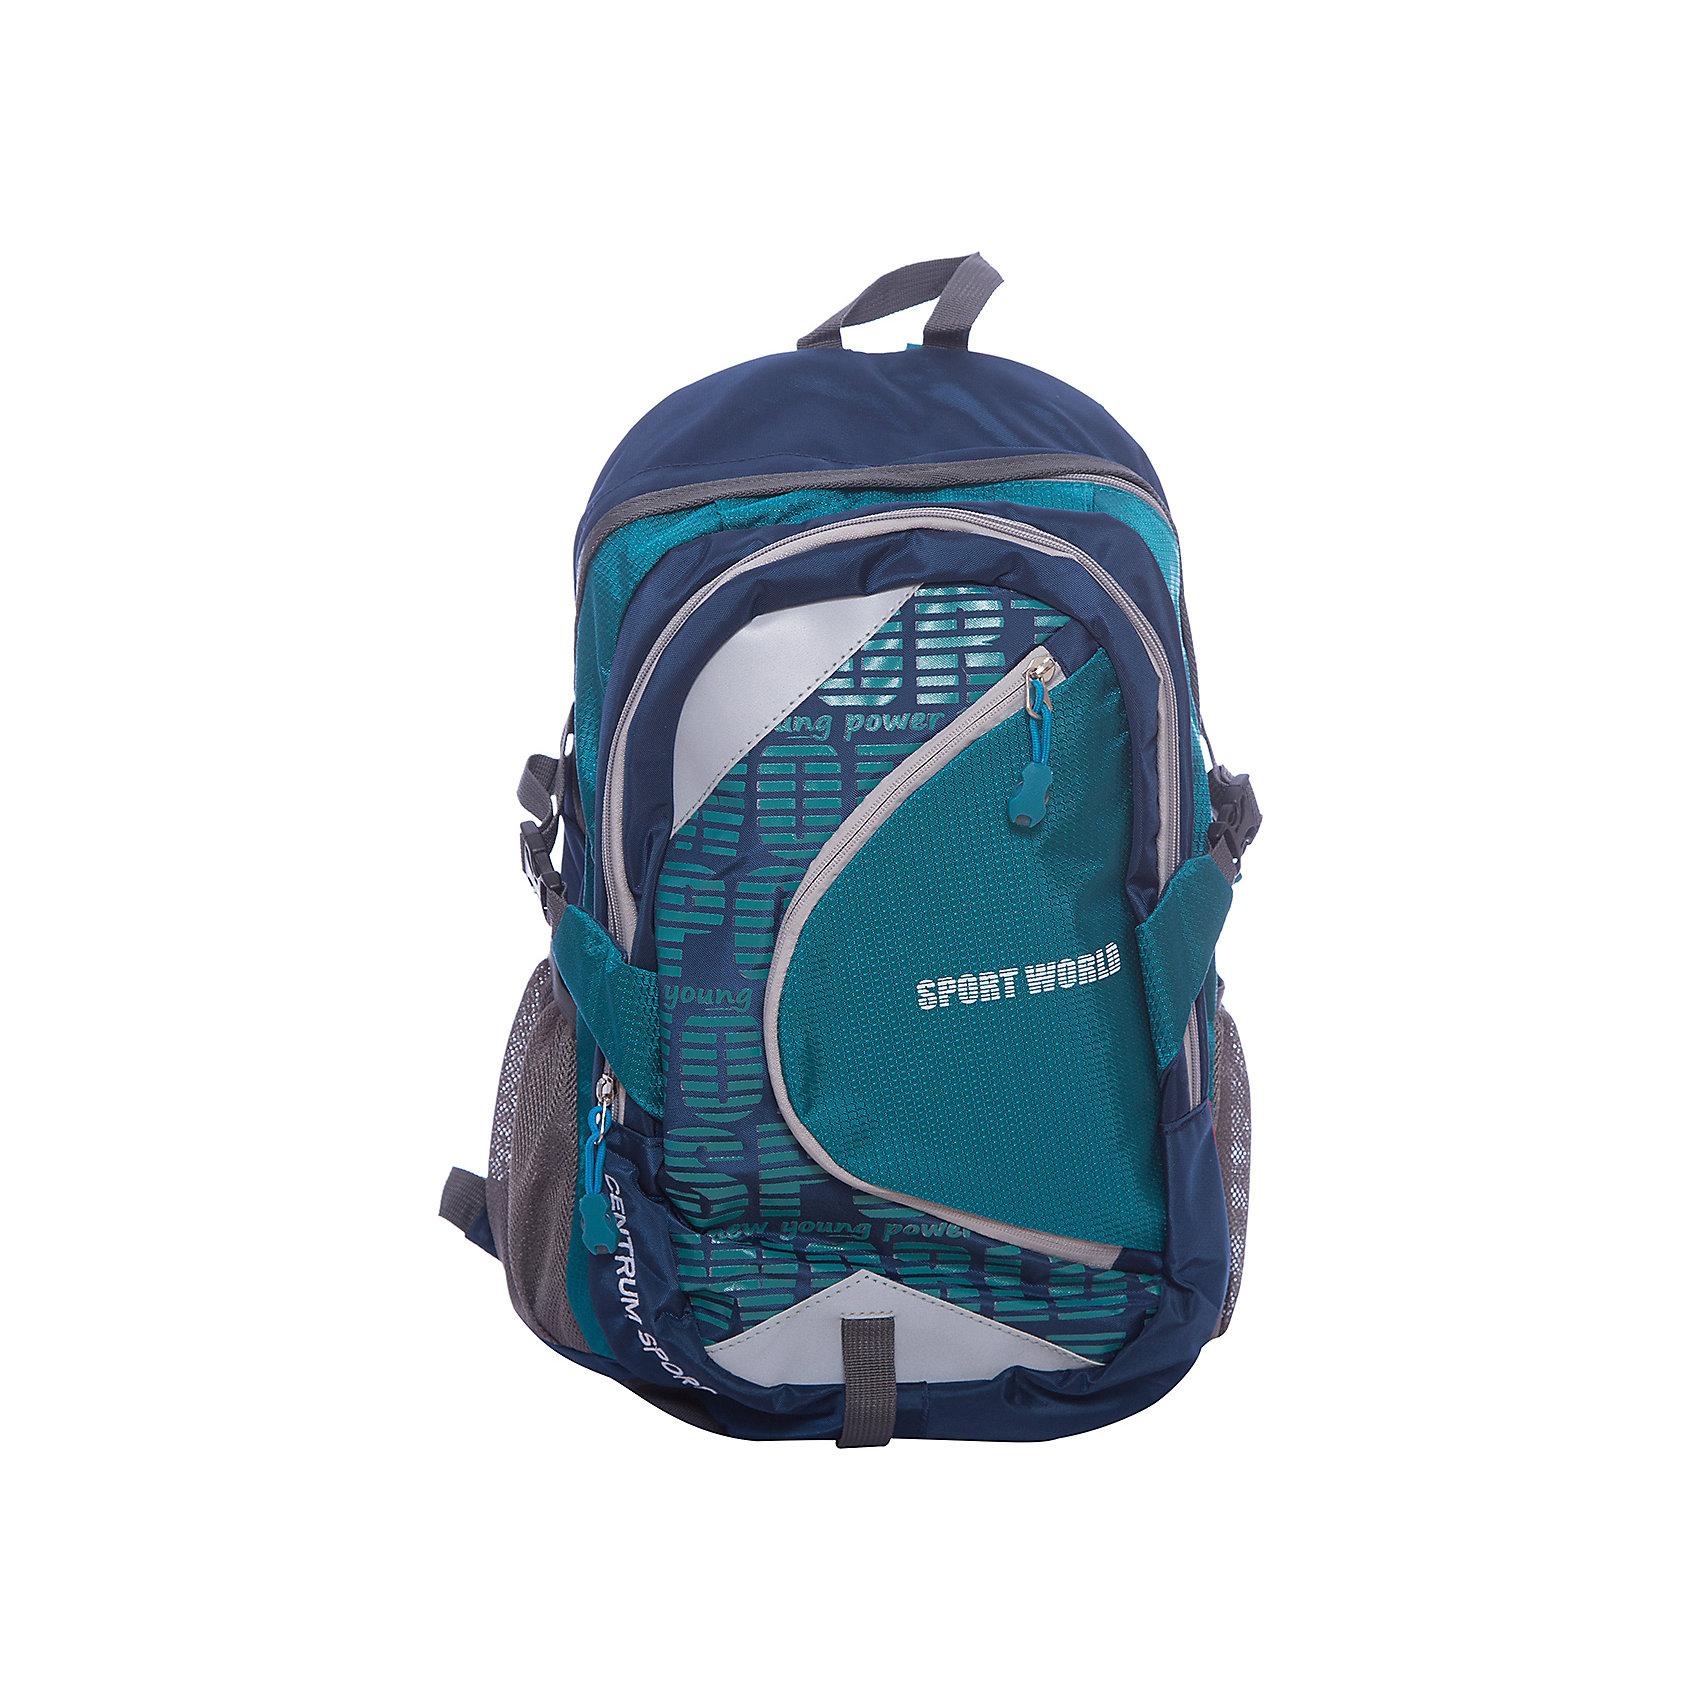 Рюкзак школьный спортивный молодежныйРюкзаки<br>Характеристики:<br><br>• размер: 48.5х15х31 см.;<br>• состав: полиэстер;<br>• вес: 640 г.;<br>• для детей в возрасте: от 10 лет;<br>• страна производитель: Китай.<br><br>Этот вместительный рюкзак, выполненный в стильном дизайне от бренда CENTRIUM (Центриум) отлично подойдёт для школы и внеклассных занятий. Рюкзак оснащён обширным отделением на молнии, в которое помещаются книги и тетради формата А4. Спереди расположен большой карман для тетрадей и канцелярских принадлежностей. По бокам расположены сетчатые карманы для мелочей или бутылочки с водой.<br><br>Уплотнённая спинка пропускает воздух и приятна в использовании. Широкие и регулируемые лямки способствуют правильному распределению нагрузки на спину. С помощью качественно прошитой ручки рюкзак можно носить в руке или вешать на крючок. Благодаря своему каркасу, рюкзак сохраняет свою форму и в нём легче найти нужный предмет или книгу.<br><br>Рюкзак спортивный молодёжный можно купить в нашем интернет-магазине.<br><br>Ширина мм: 150<br>Глубина мм: 310<br>Высота мм: 485<br>Вес г: 640<br>Возраст от месяцев: 72<br>Возраст до месяцев: 2147483647<br>Пол: Унисекс<br>Возраст: Детский<br>SKU: 6842165